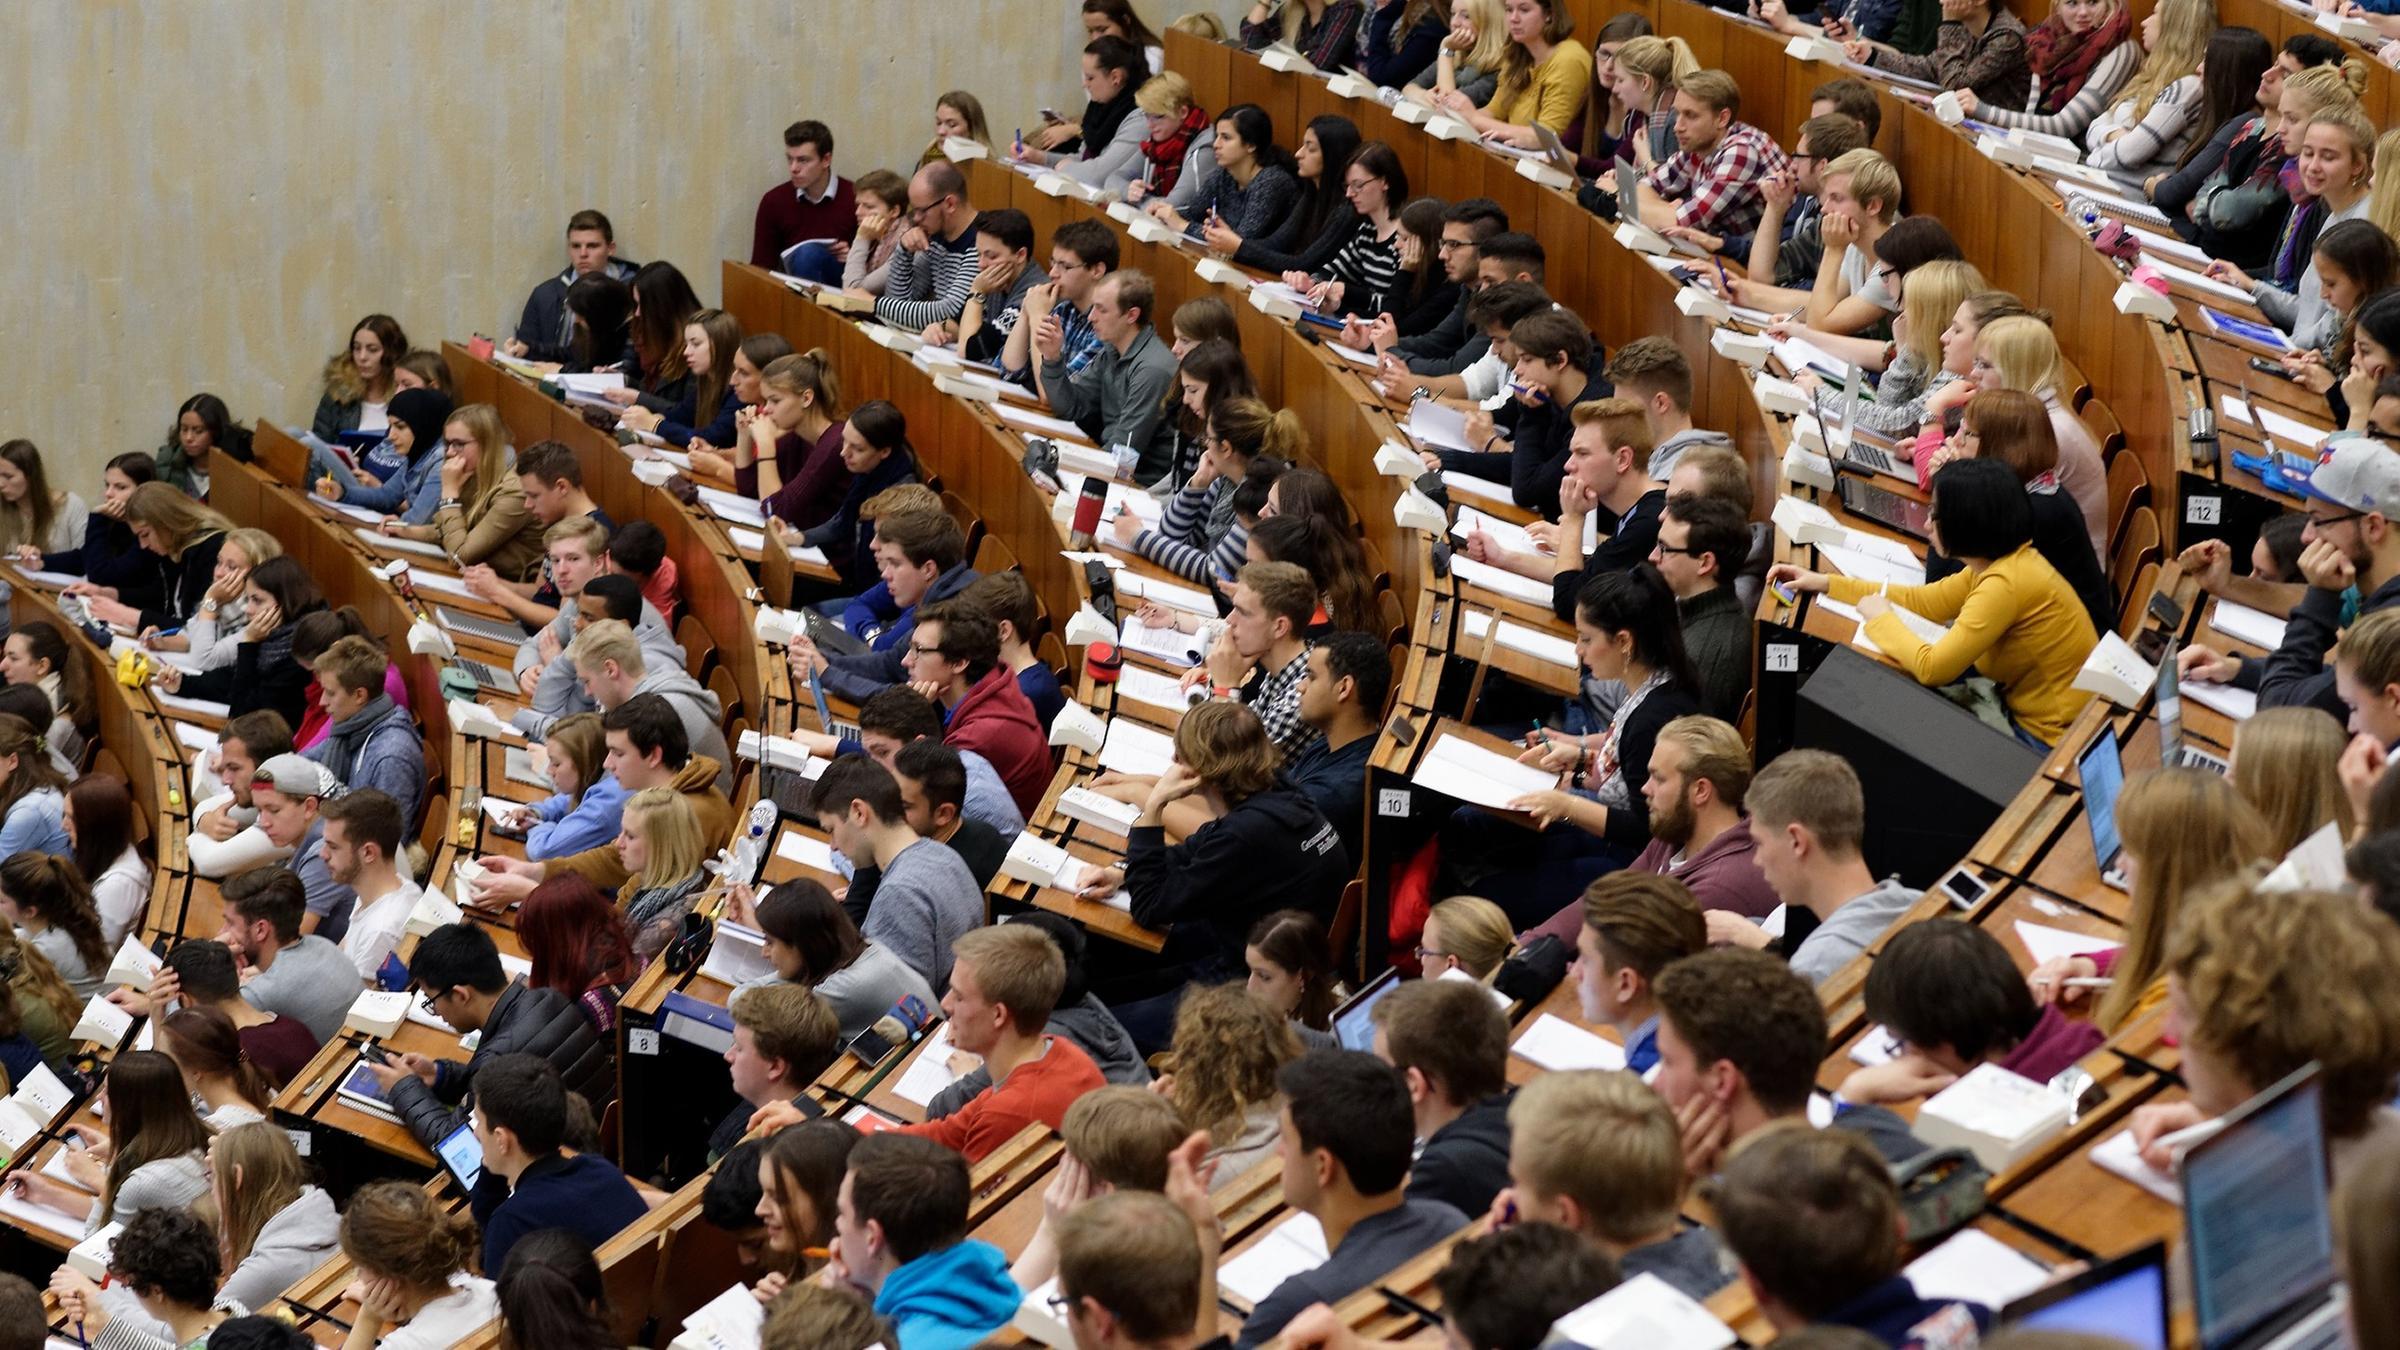 Dusseldorfer Tabelle Unterhalt Fur Studenten Steigt Deutlich Zdfheute